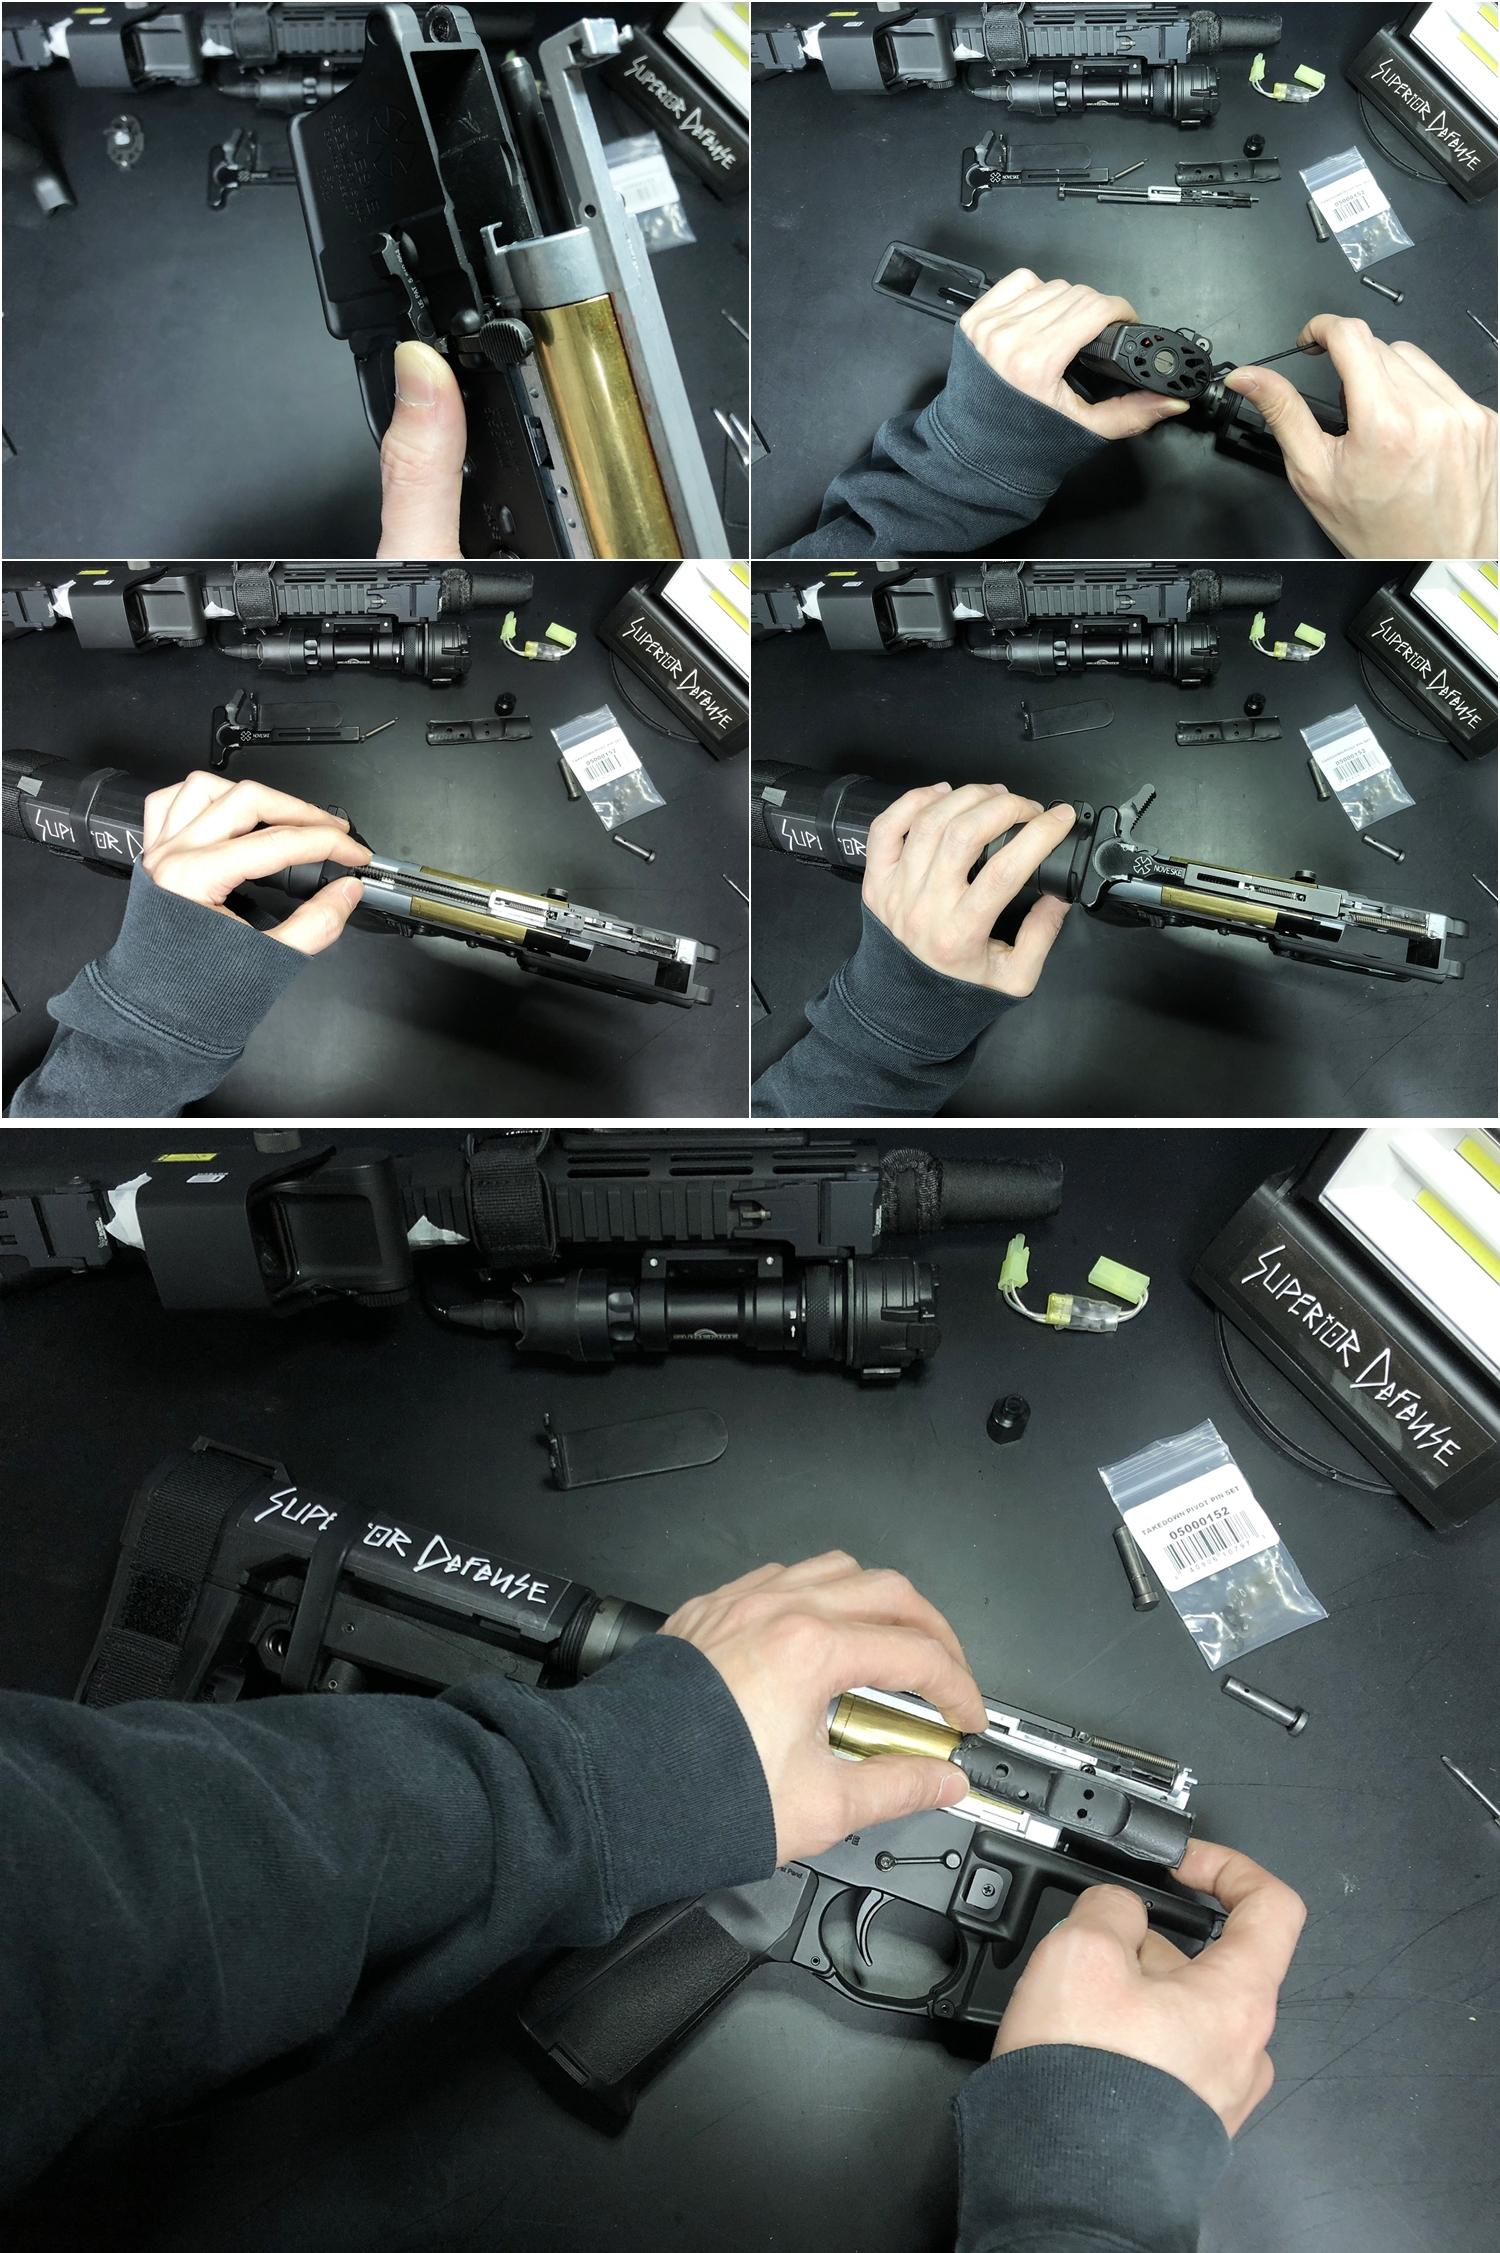 21 実物 NOVESKE AR-15 TAKEDOWN & PIVOT STEEL PIN!! 実物ピンを次世代M4へ対応させるべく簡易的DIY加工だ!ノベスケ ノベスキー スチール テイクダウン ピポッドピン! DIY 加工 カスタム 簡易的 旋盤加工 取付 レビ